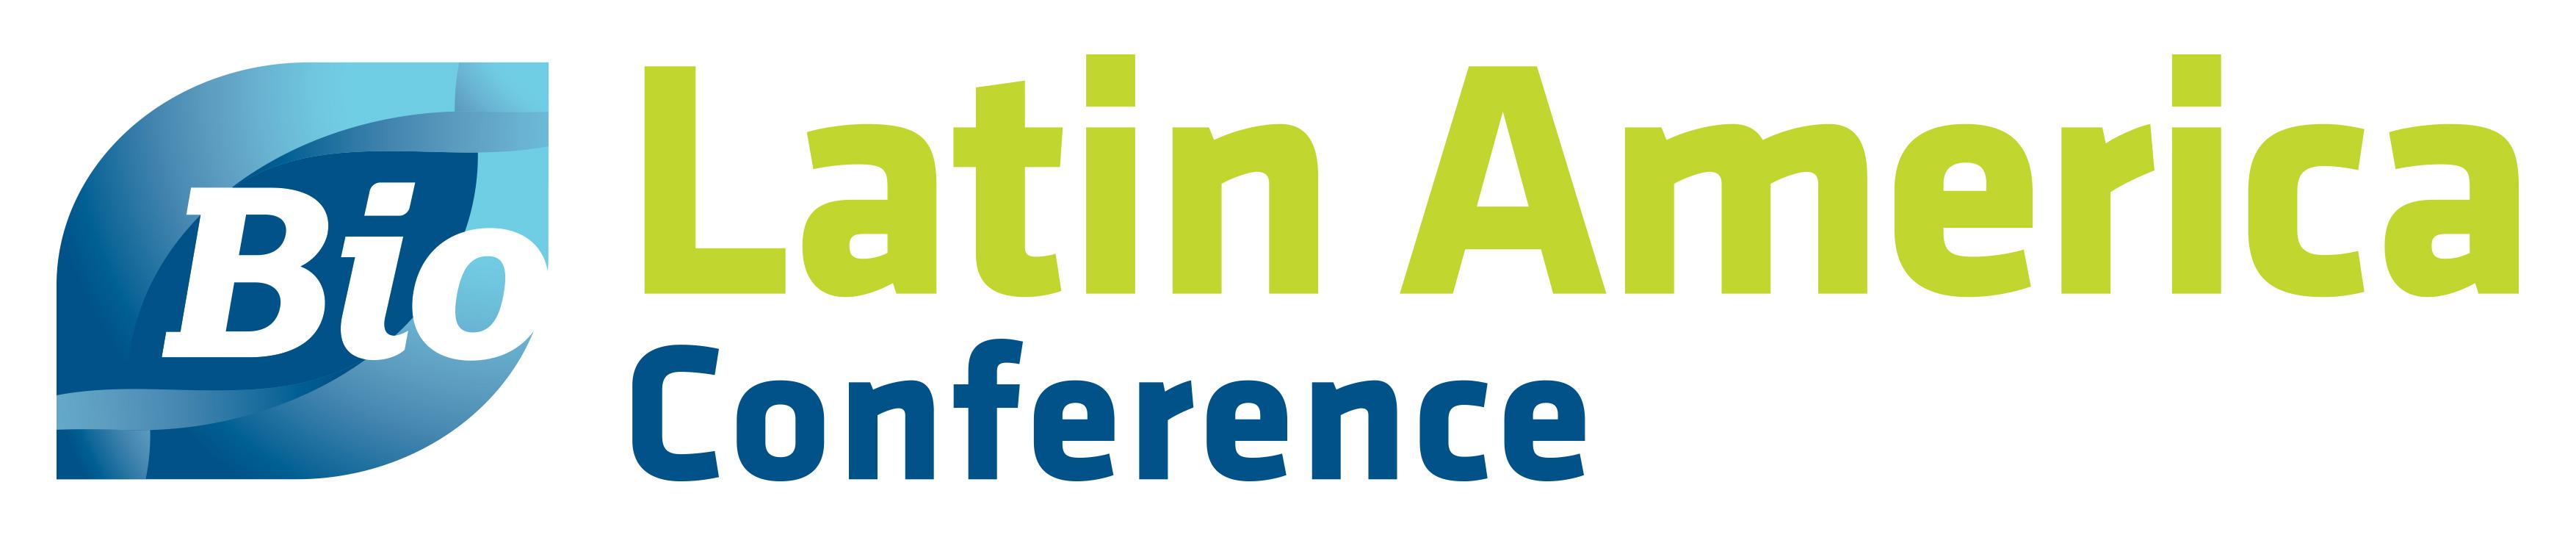 BIO Latin America Conference